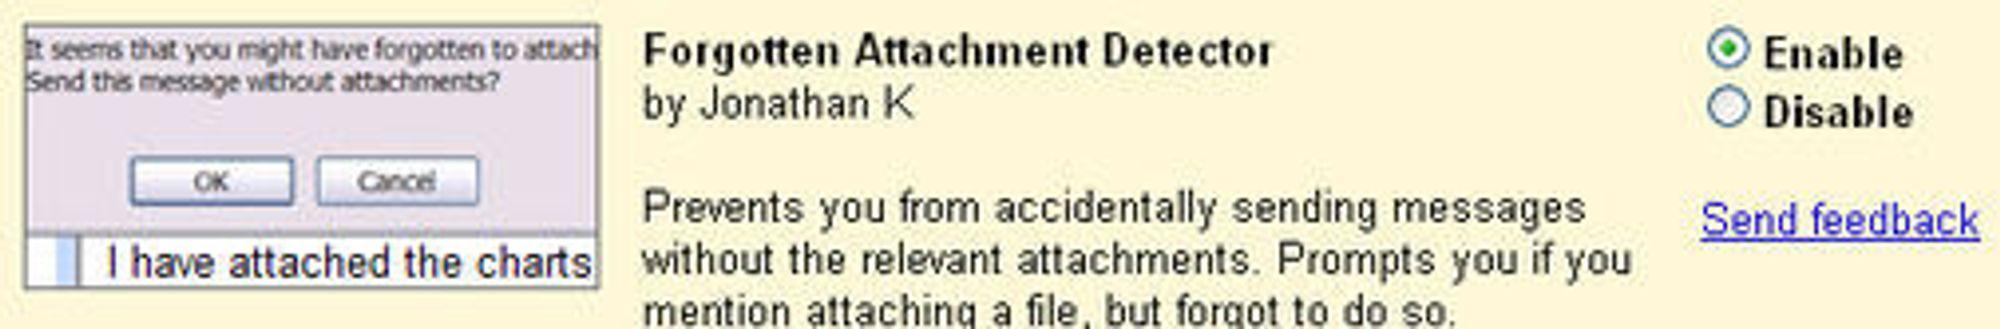 Dialogen for å aktivere Forgotten Attachment Detector i GMail.